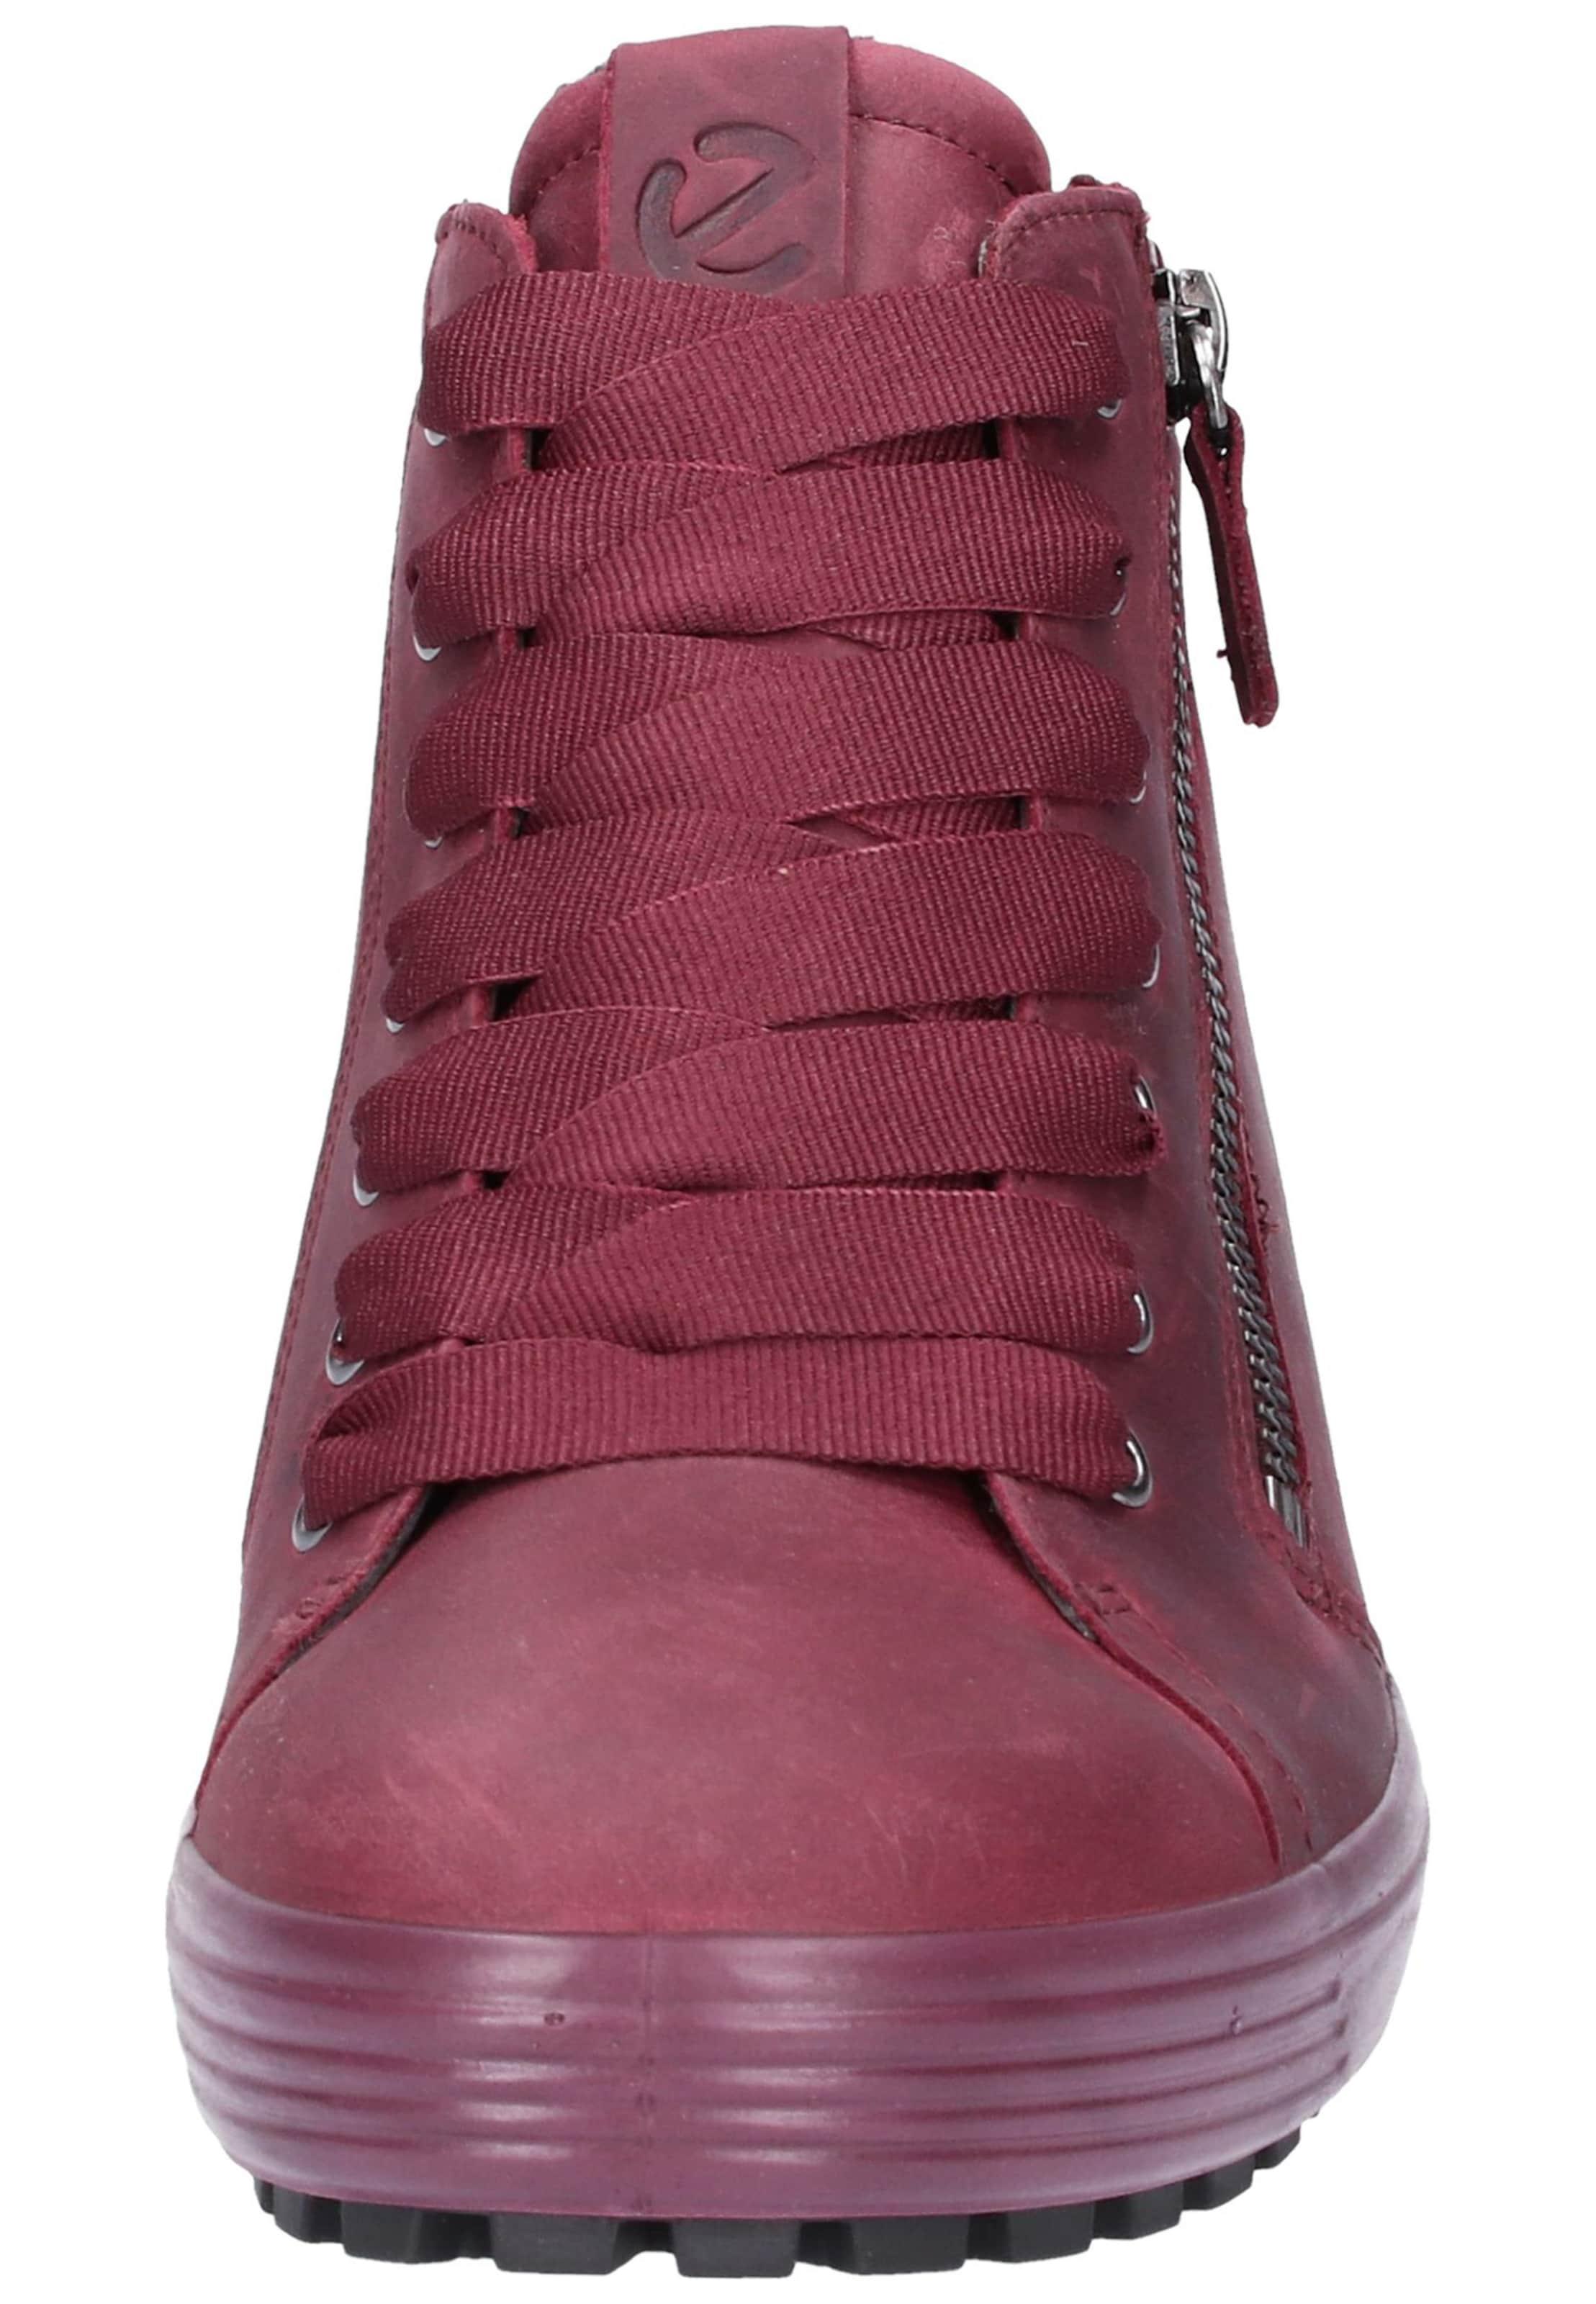 Sneaker Ecco Sneaker In In Weinrot Weinrot Sneaker In Ecco Weinrot Sneaker Ecco In Ecco vyY76fgb